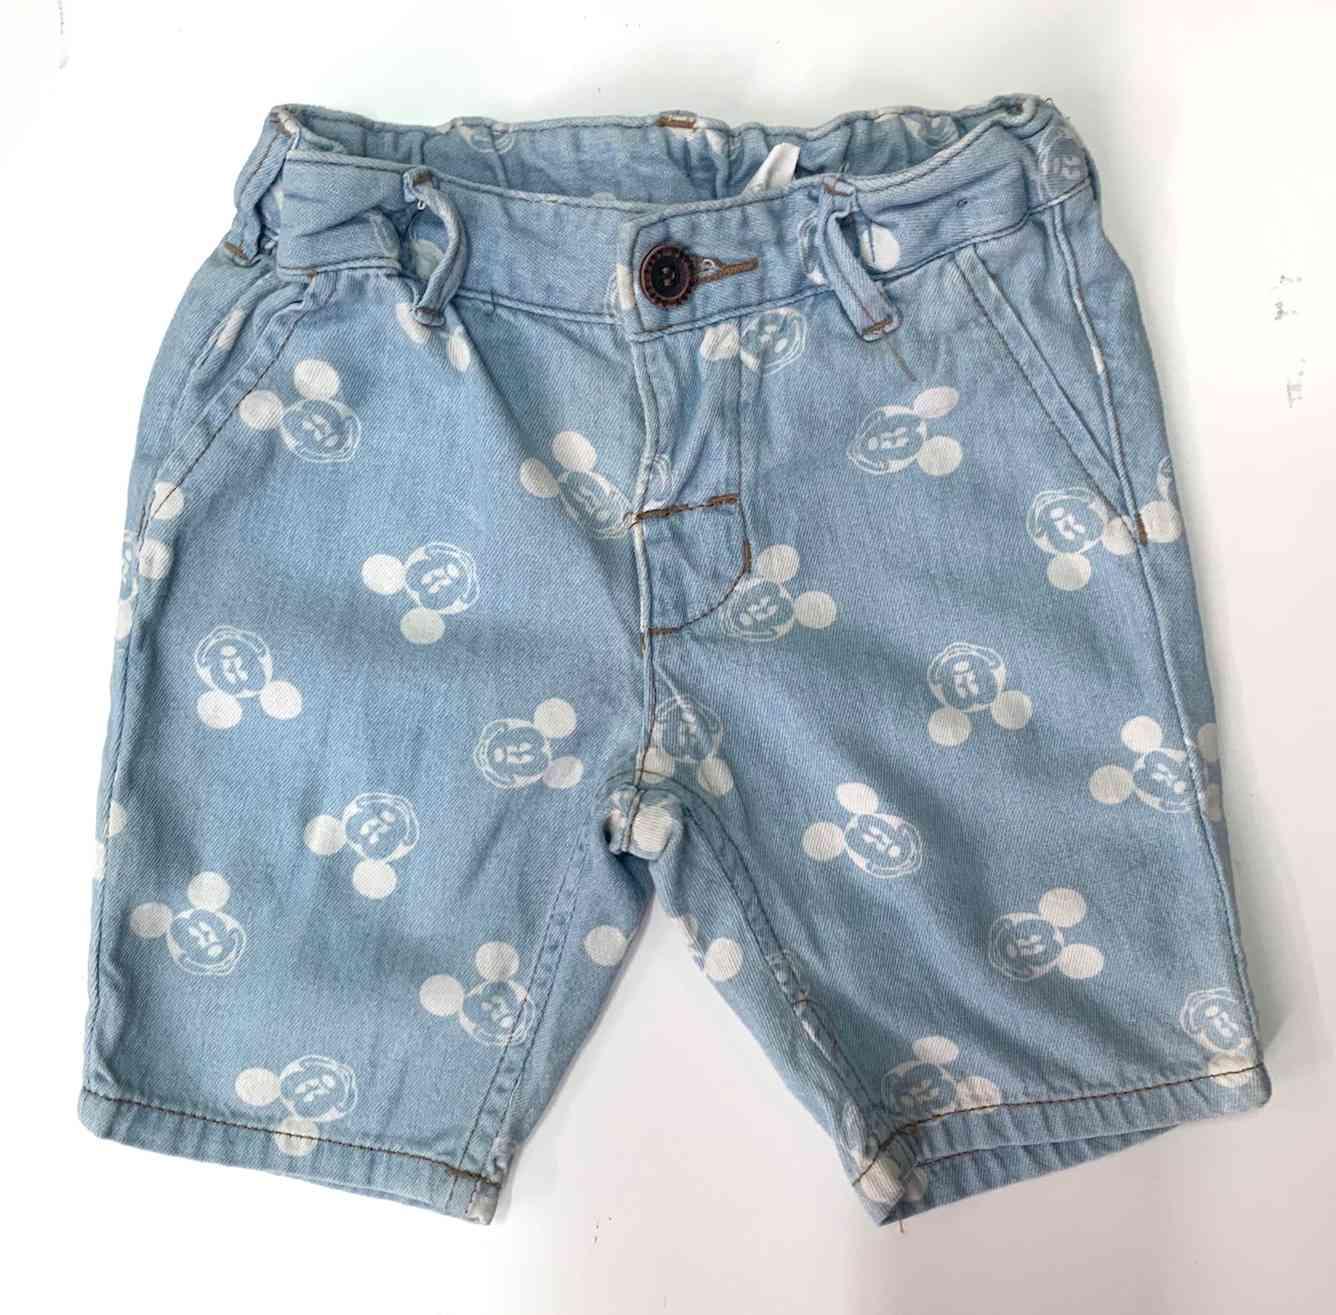 Прикольные детские штанишки с Микки Маусом